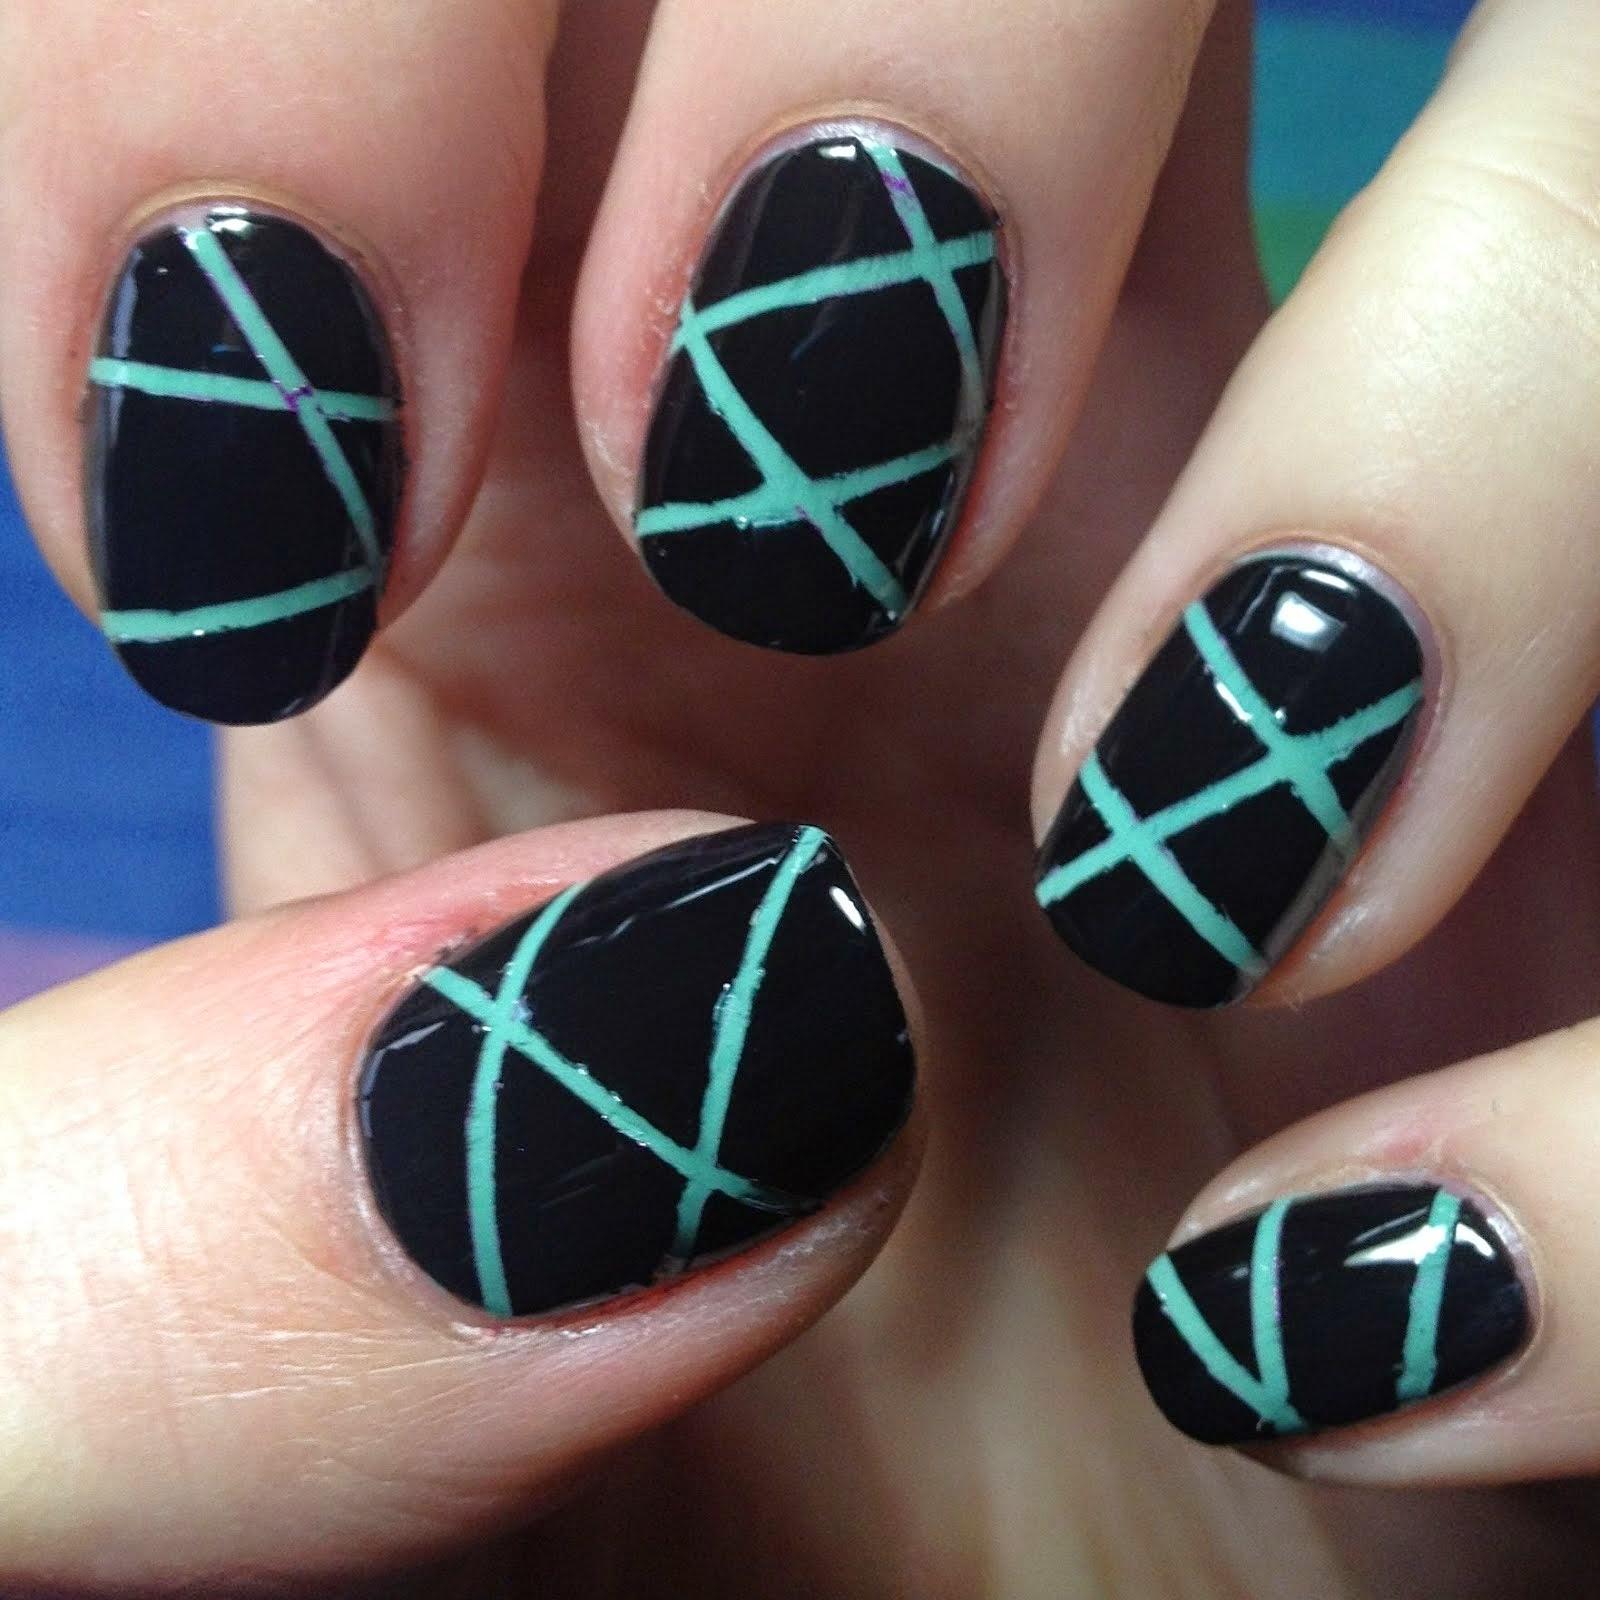 Nail Arts: Types Of Nail Art And Design,Nail Stripes,Nail